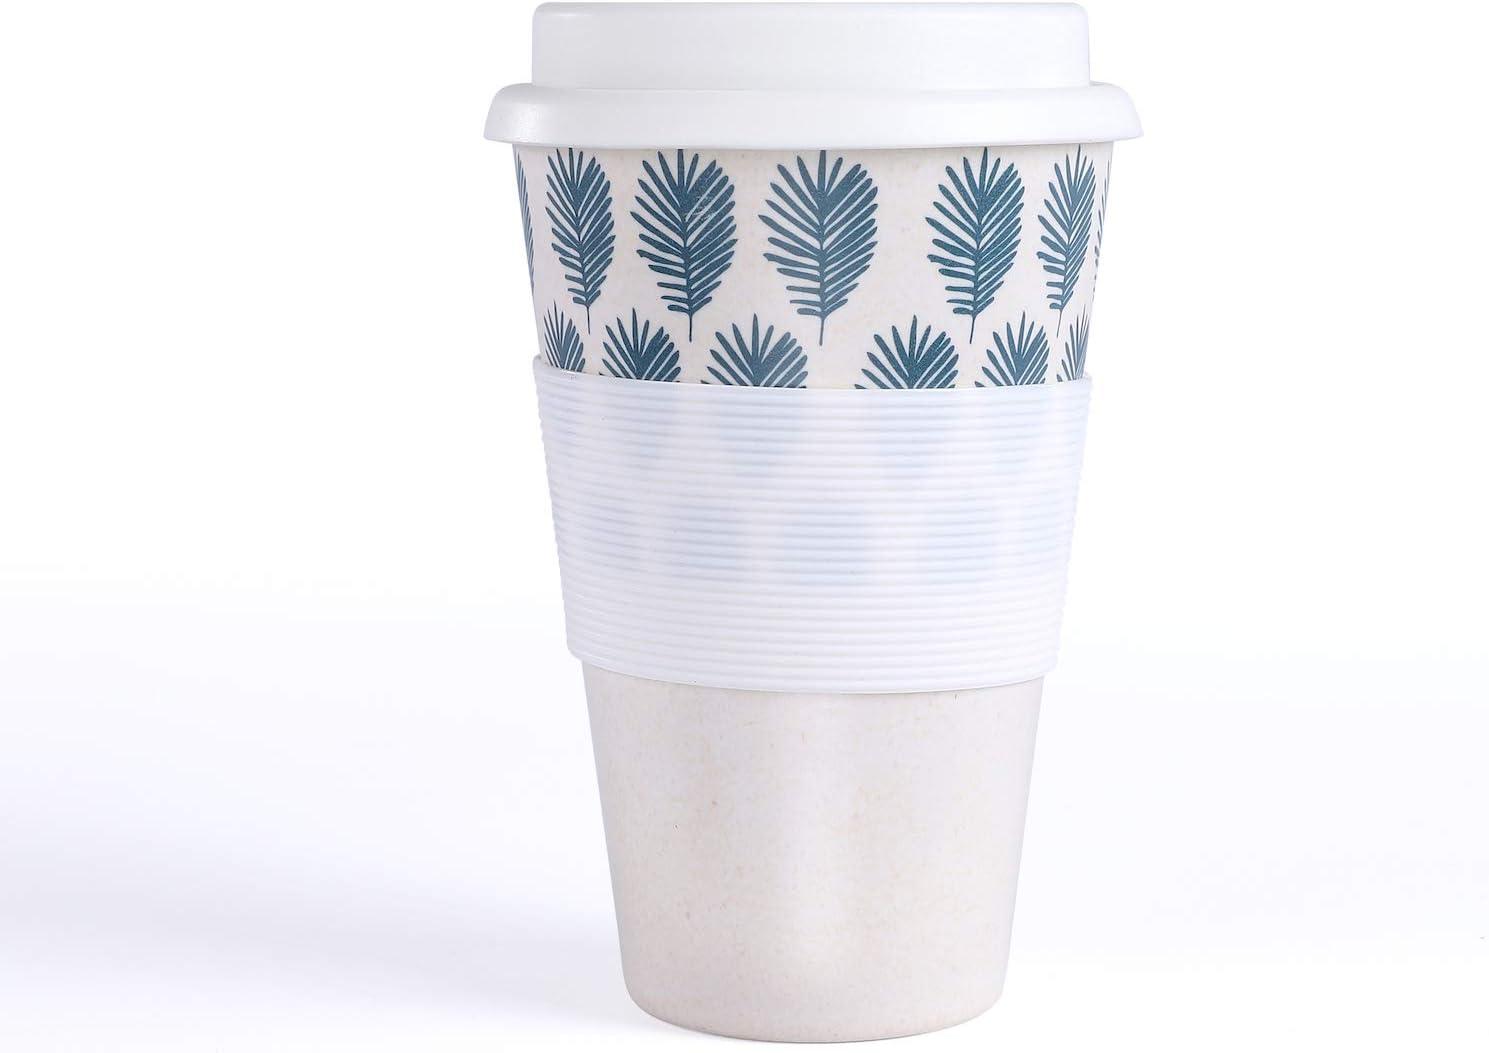 400 ml vaso para beber, viaje o oficina, reutilizable, color blanco Coffee To Go Taza de caf/é de bamb/ú para llevar tapa de silicona con apertura para beber